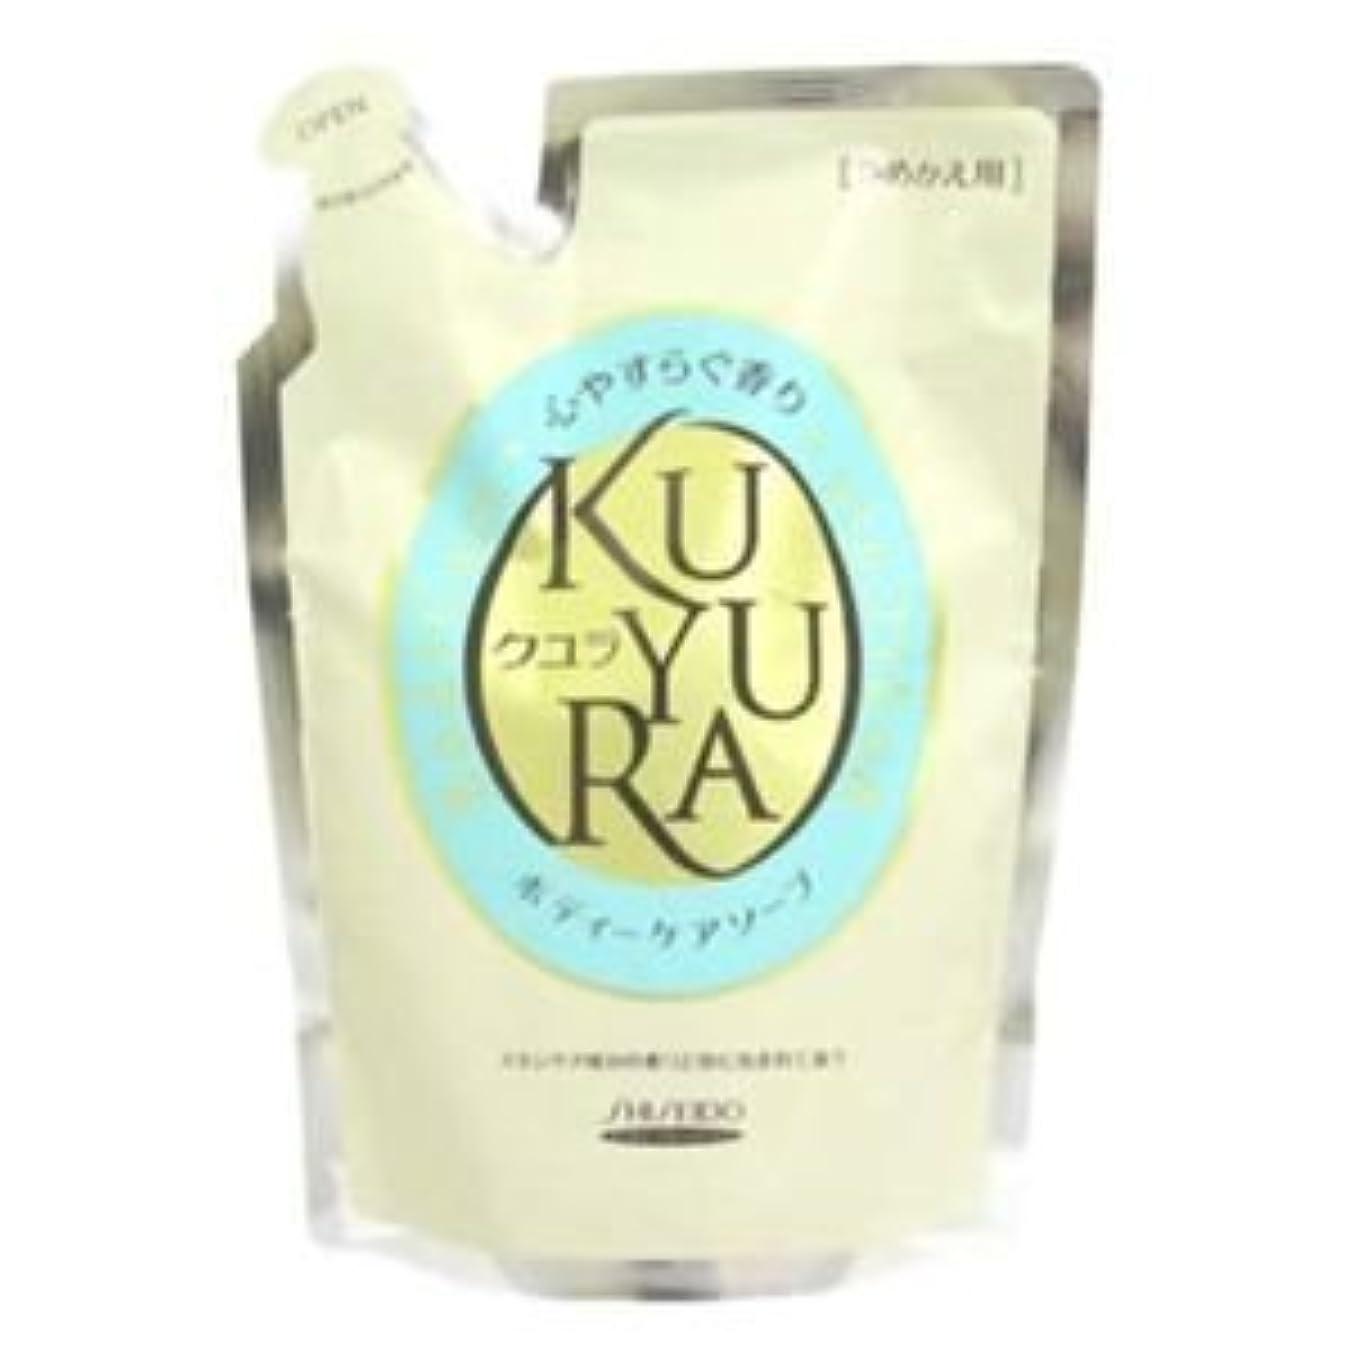 懲らしめ保全普遍的なクユラ ボディケアソープ 心やすらぐ香り つめかえ用400ml 4セット